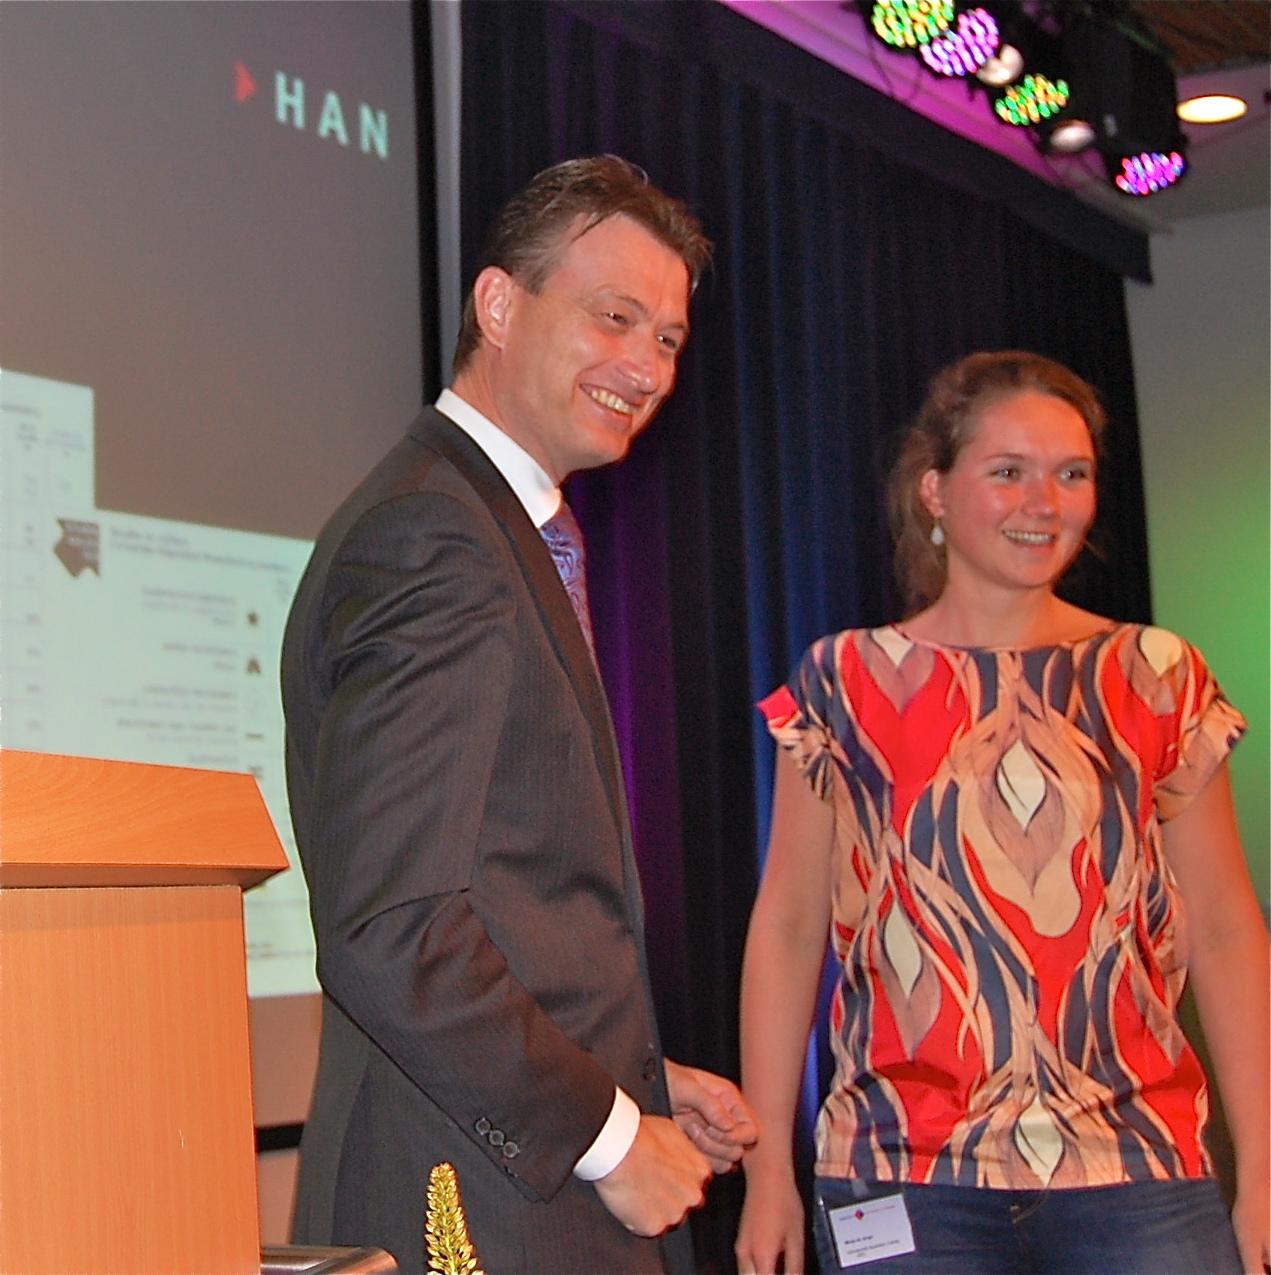 Video Halbe Zijlstra bij HAN voor startschot Studie in Cijfers